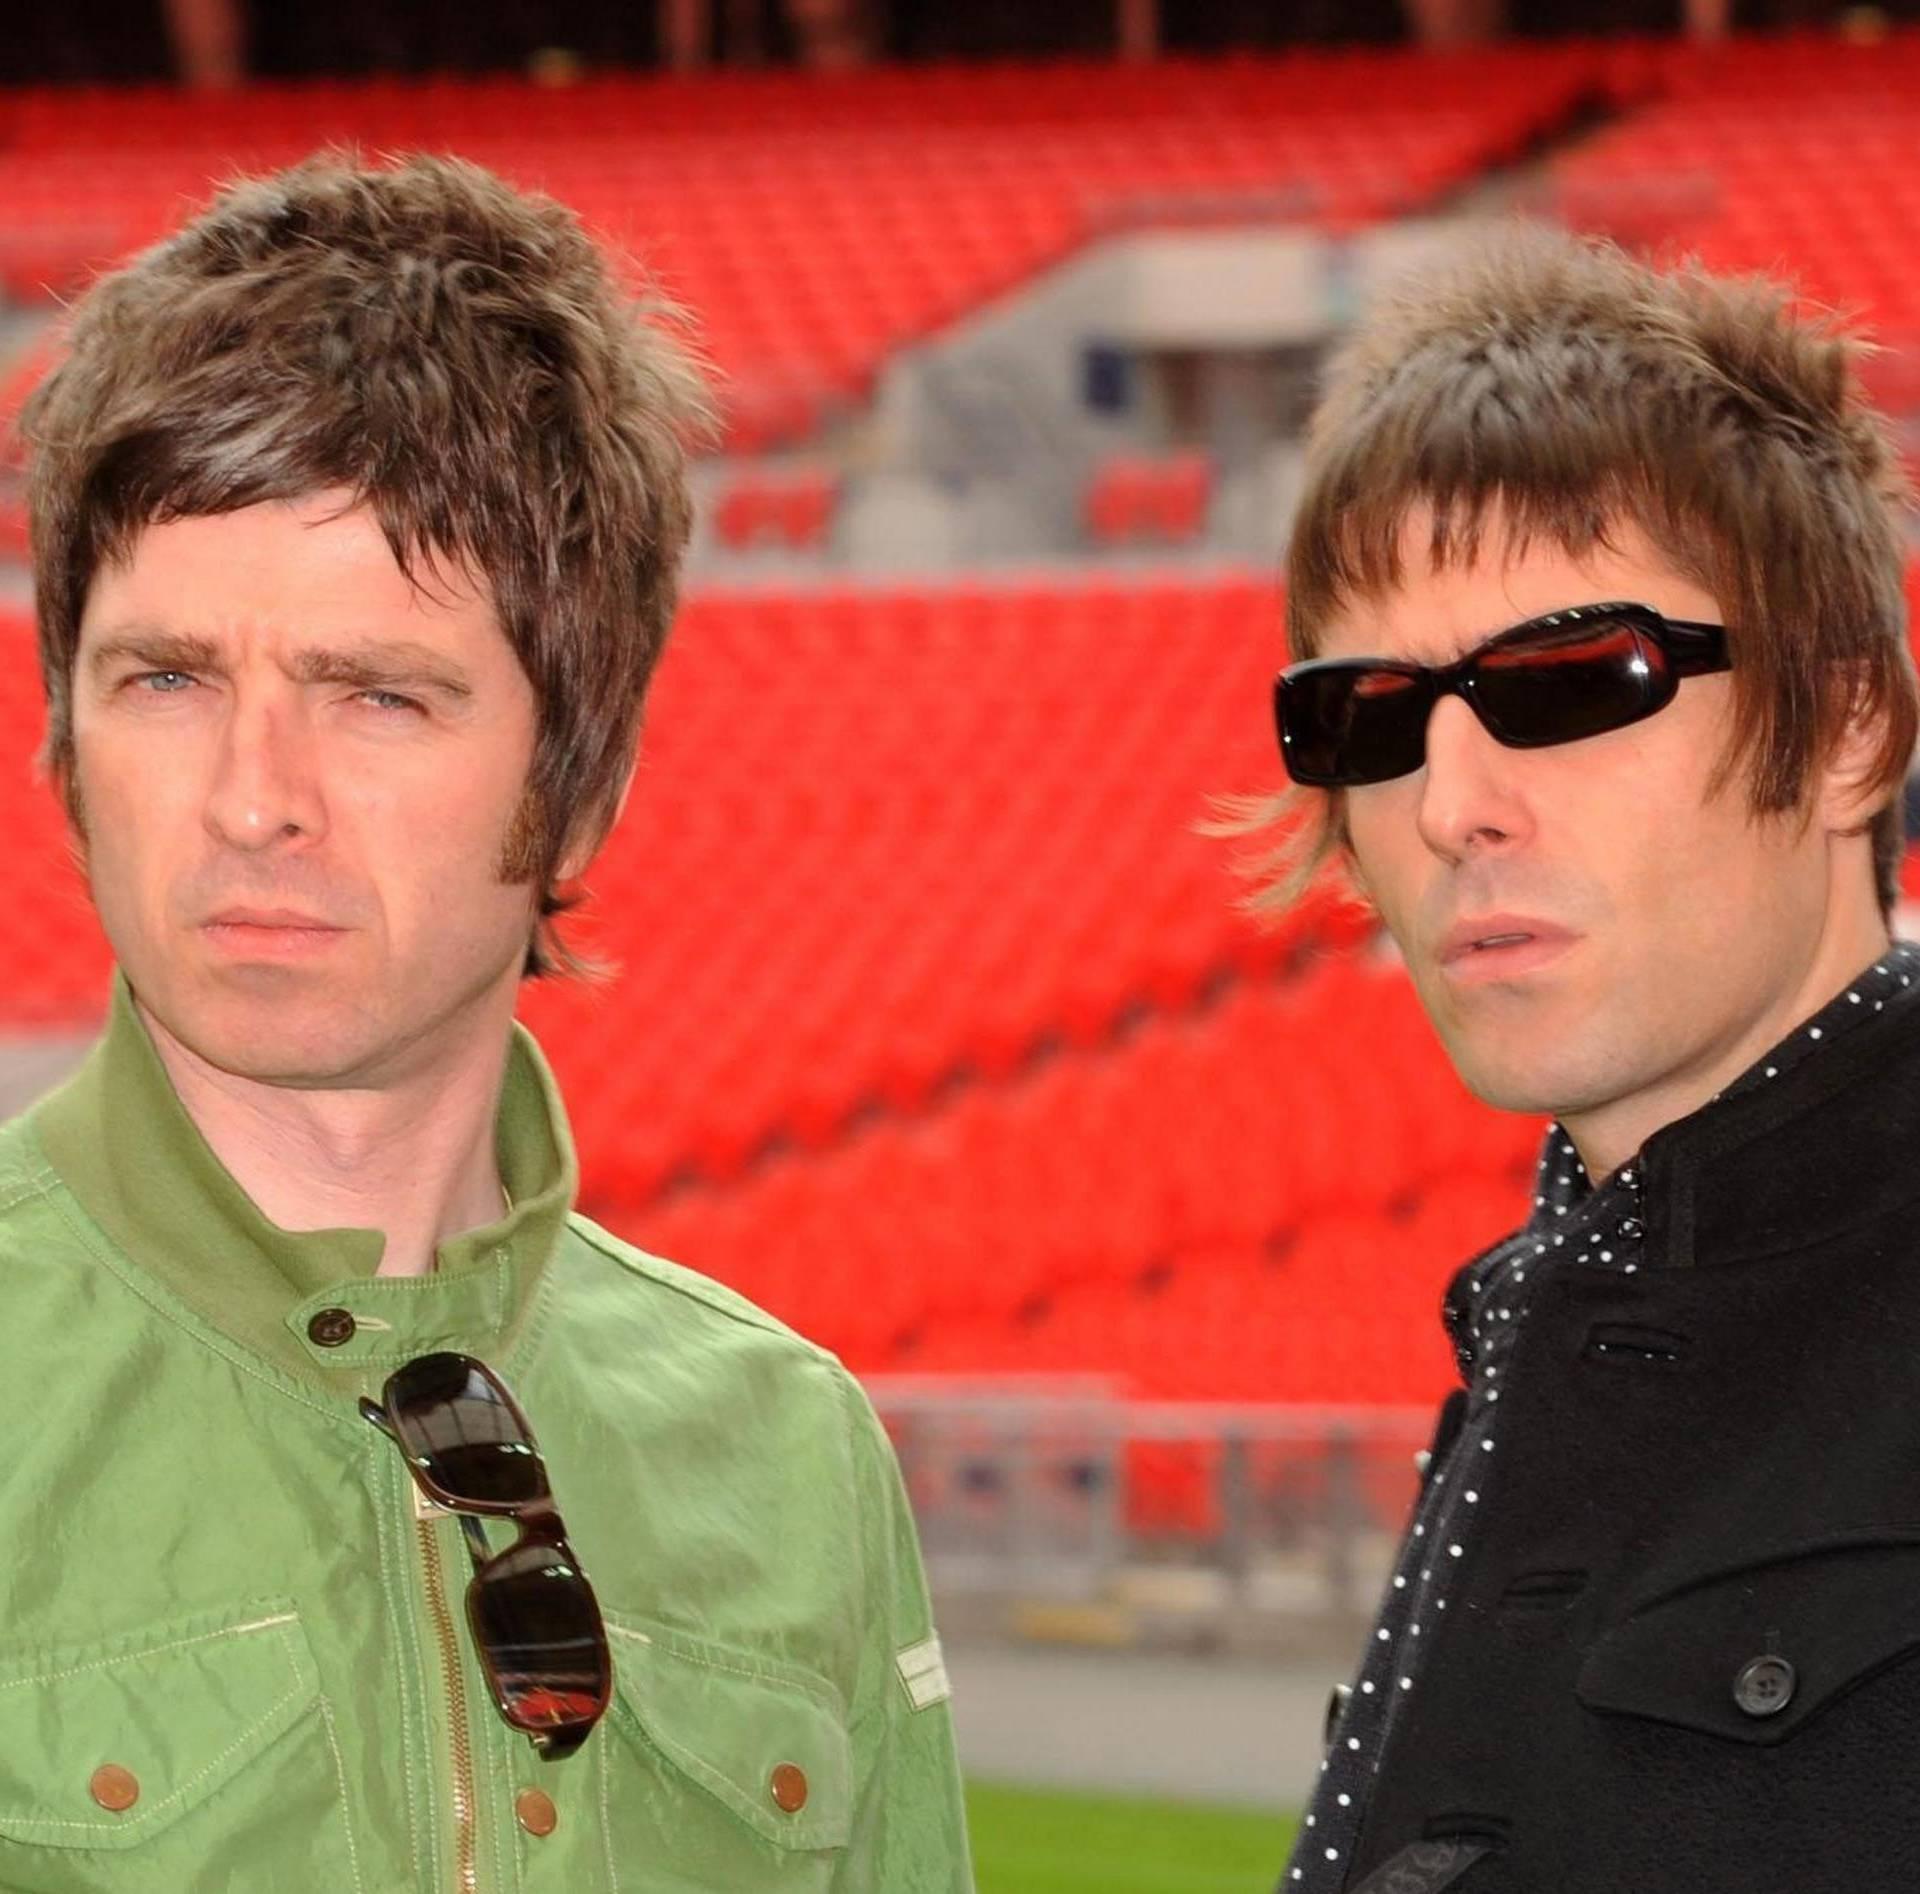 Noel quits Oasis